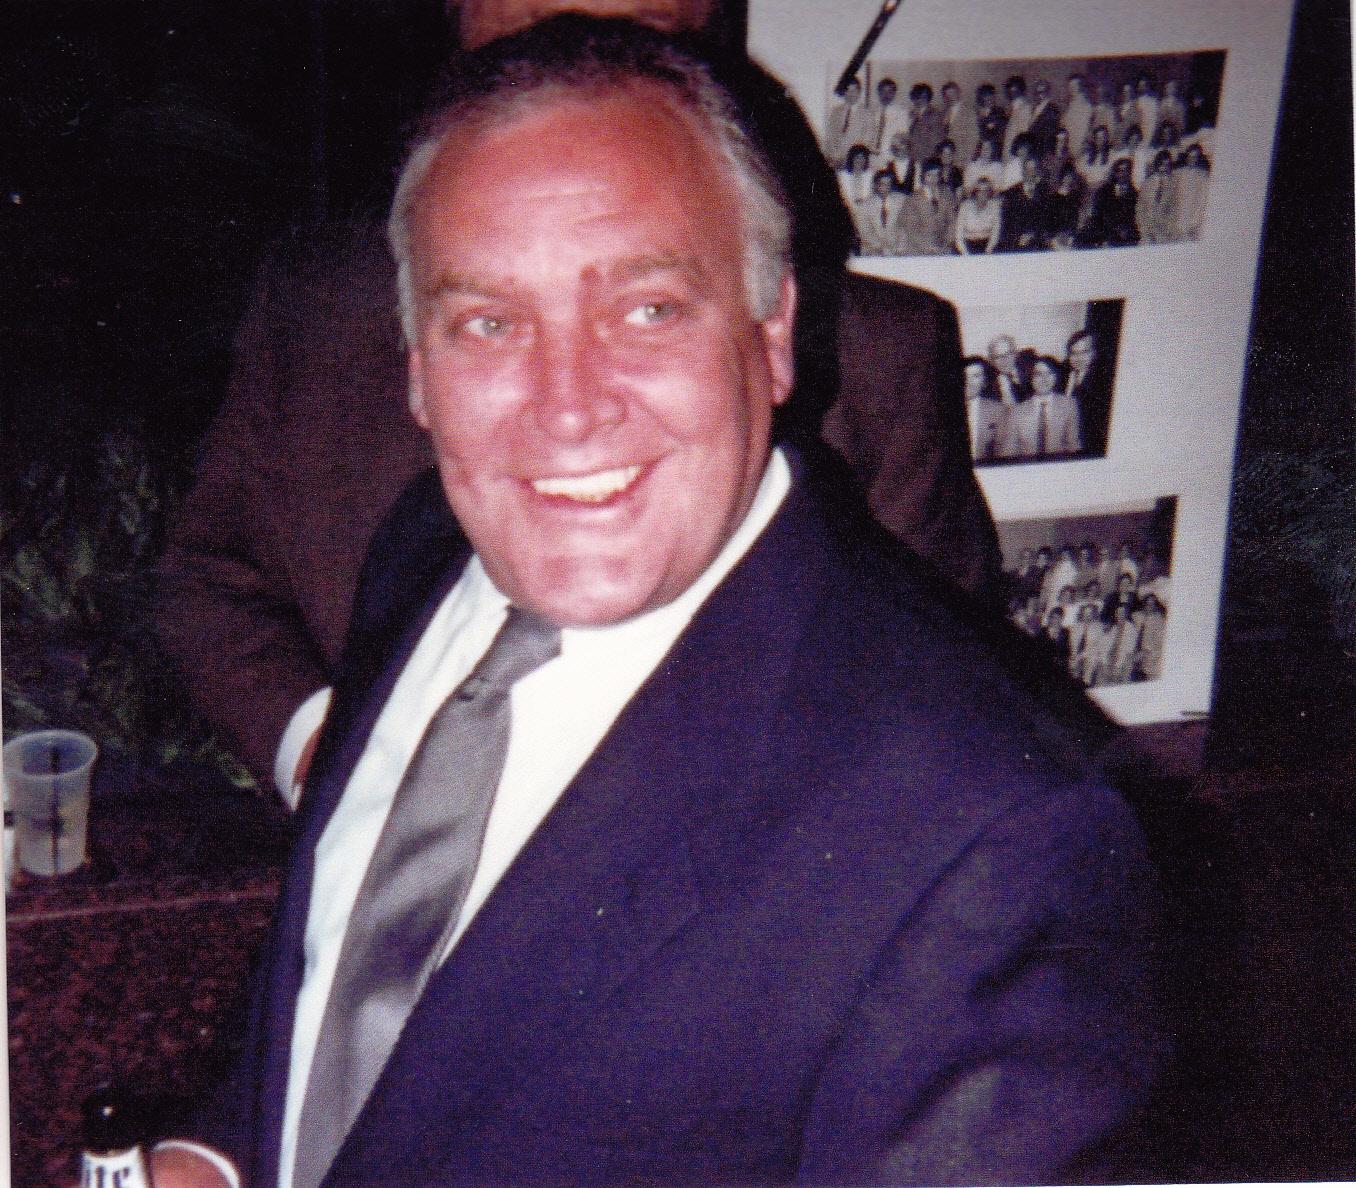 James E. Flavin, Jr.